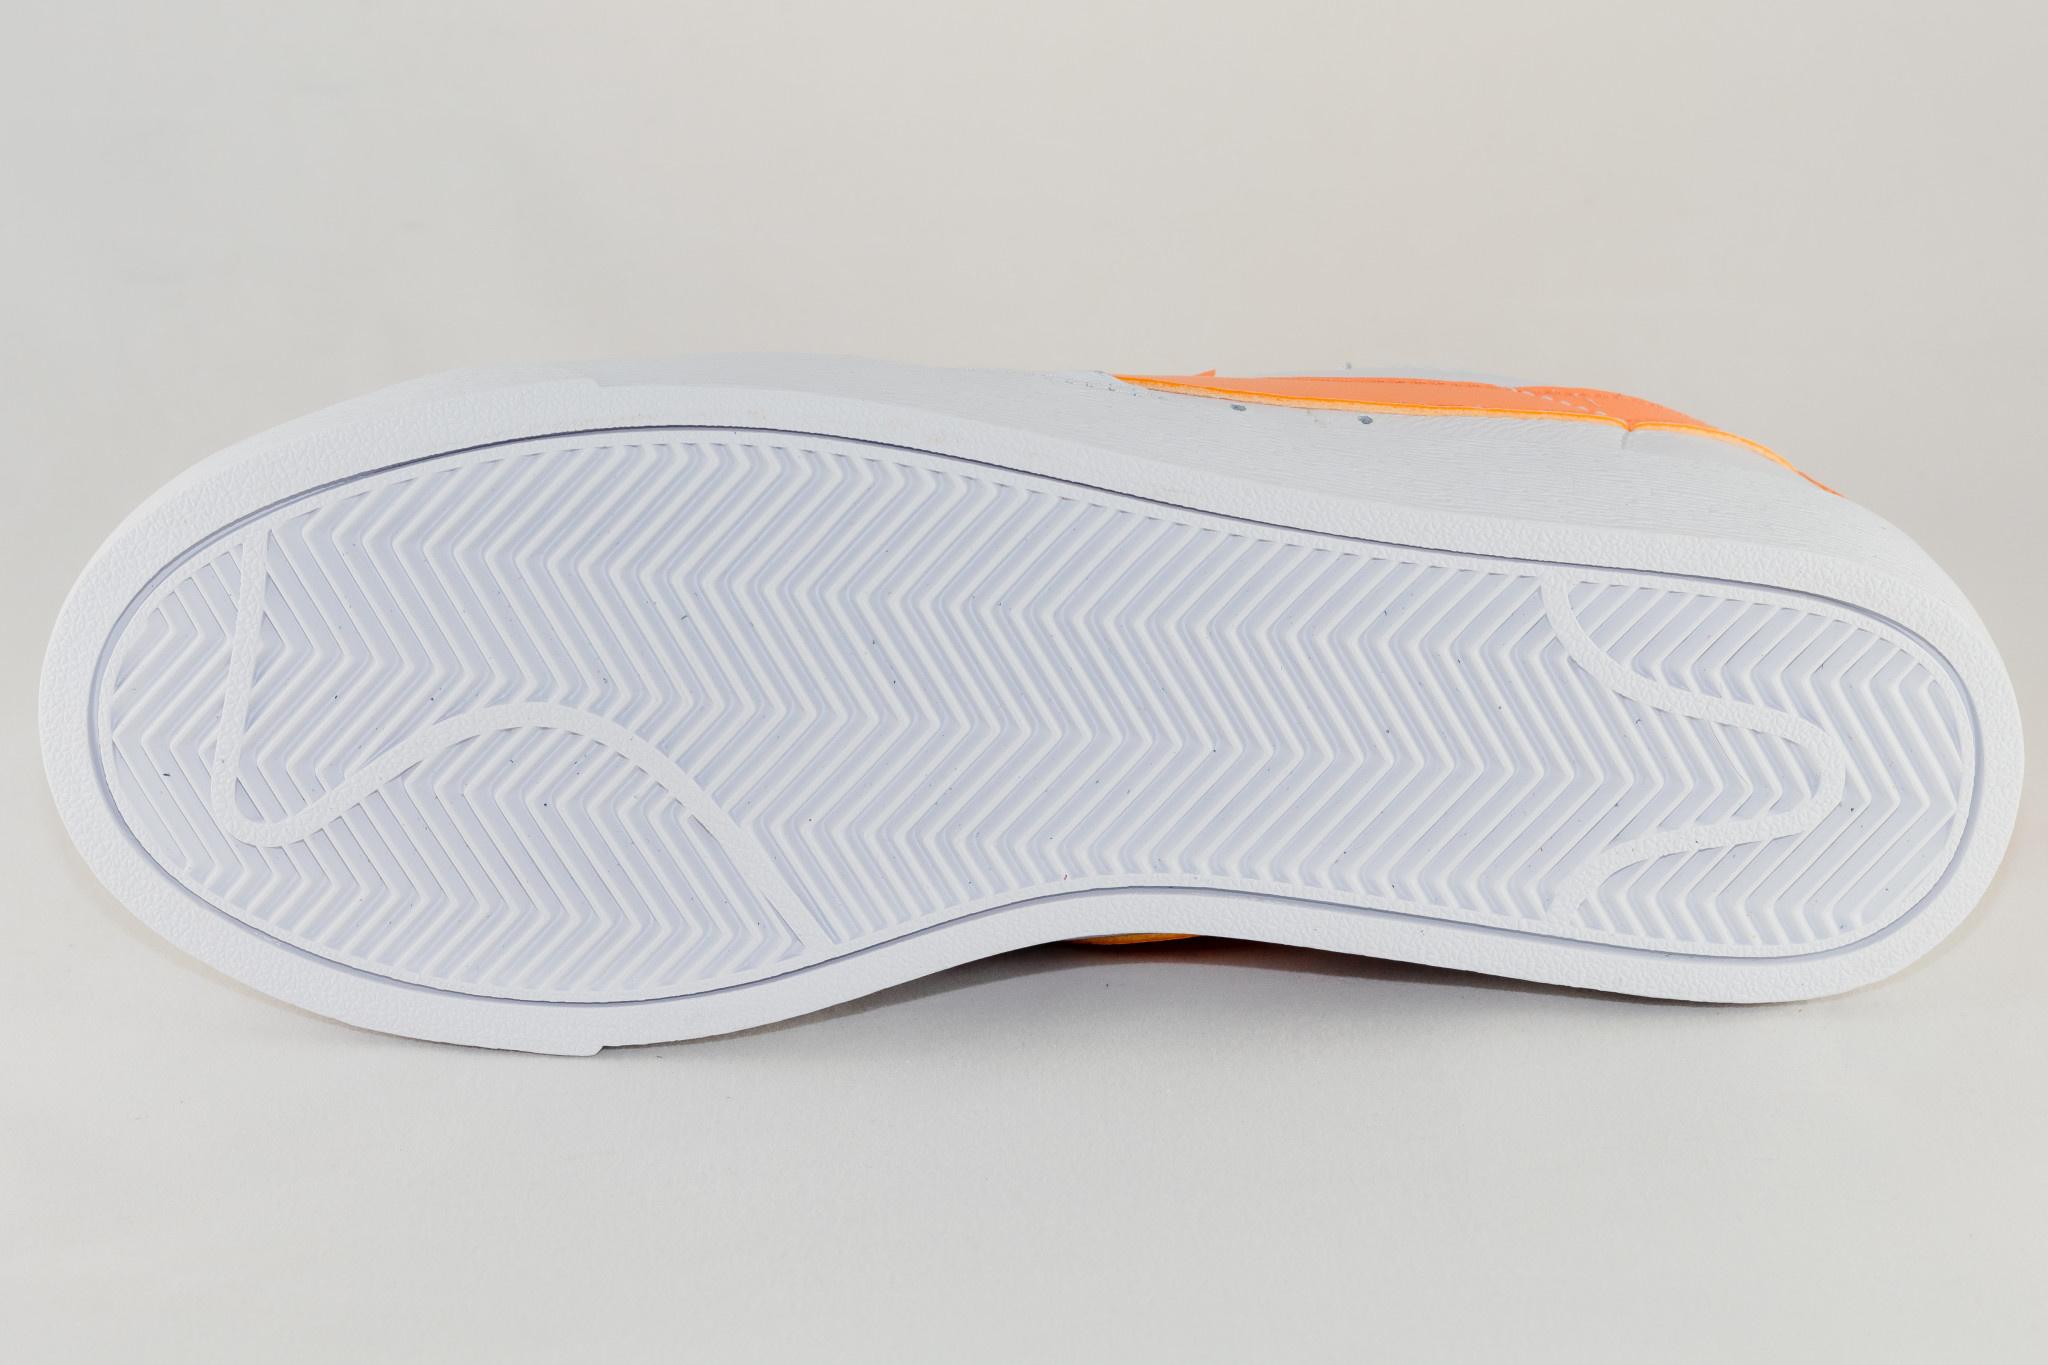 Nike Blazer Low White Fuel Orange White